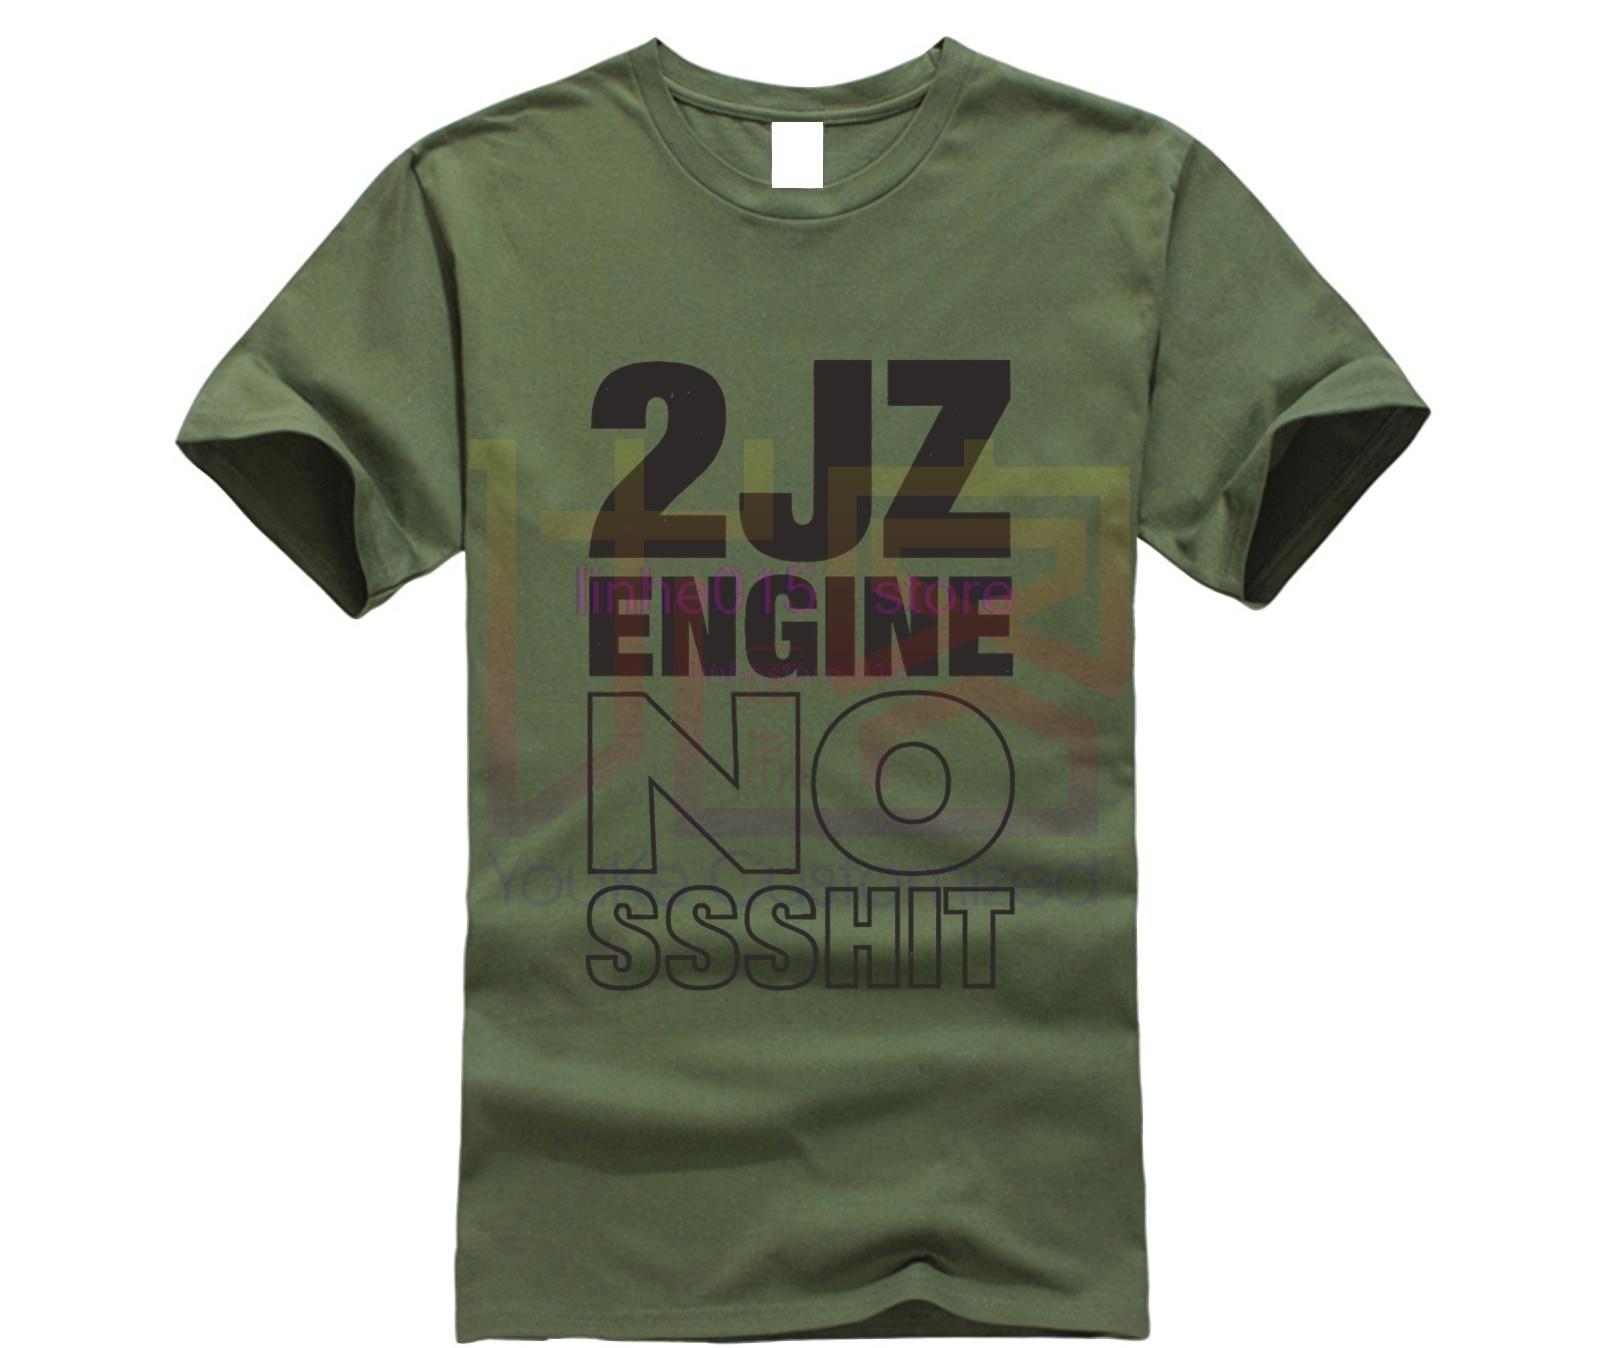 Лидер продаж, летняя 2JZ японская футболка с изображением автомобиля 2JZ, футболка с двигателем, тюнинг турбины JDM, высокое качество, мужские ру...